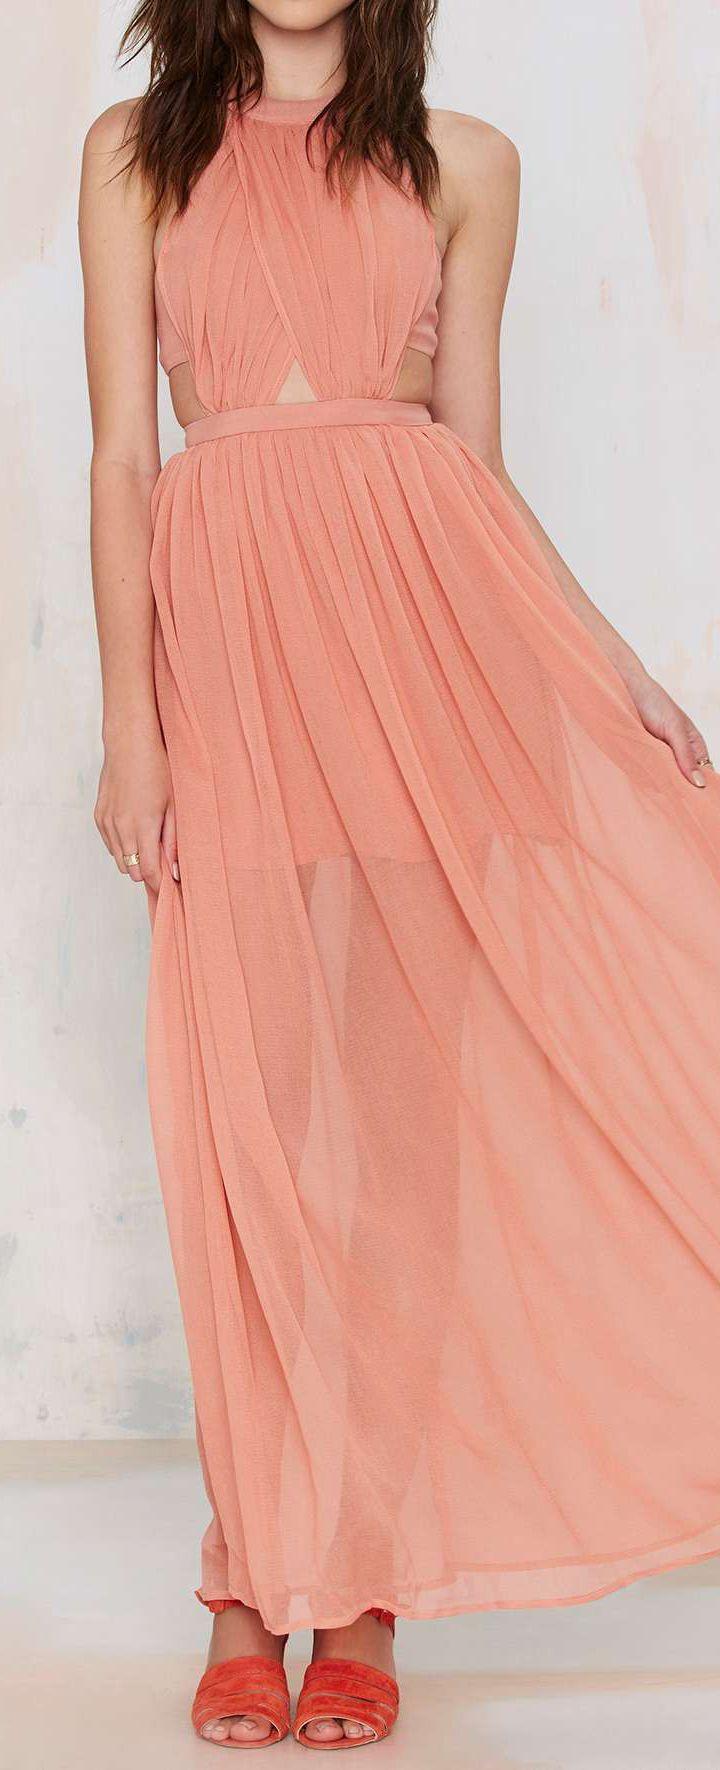 Peach Cut Out Dress